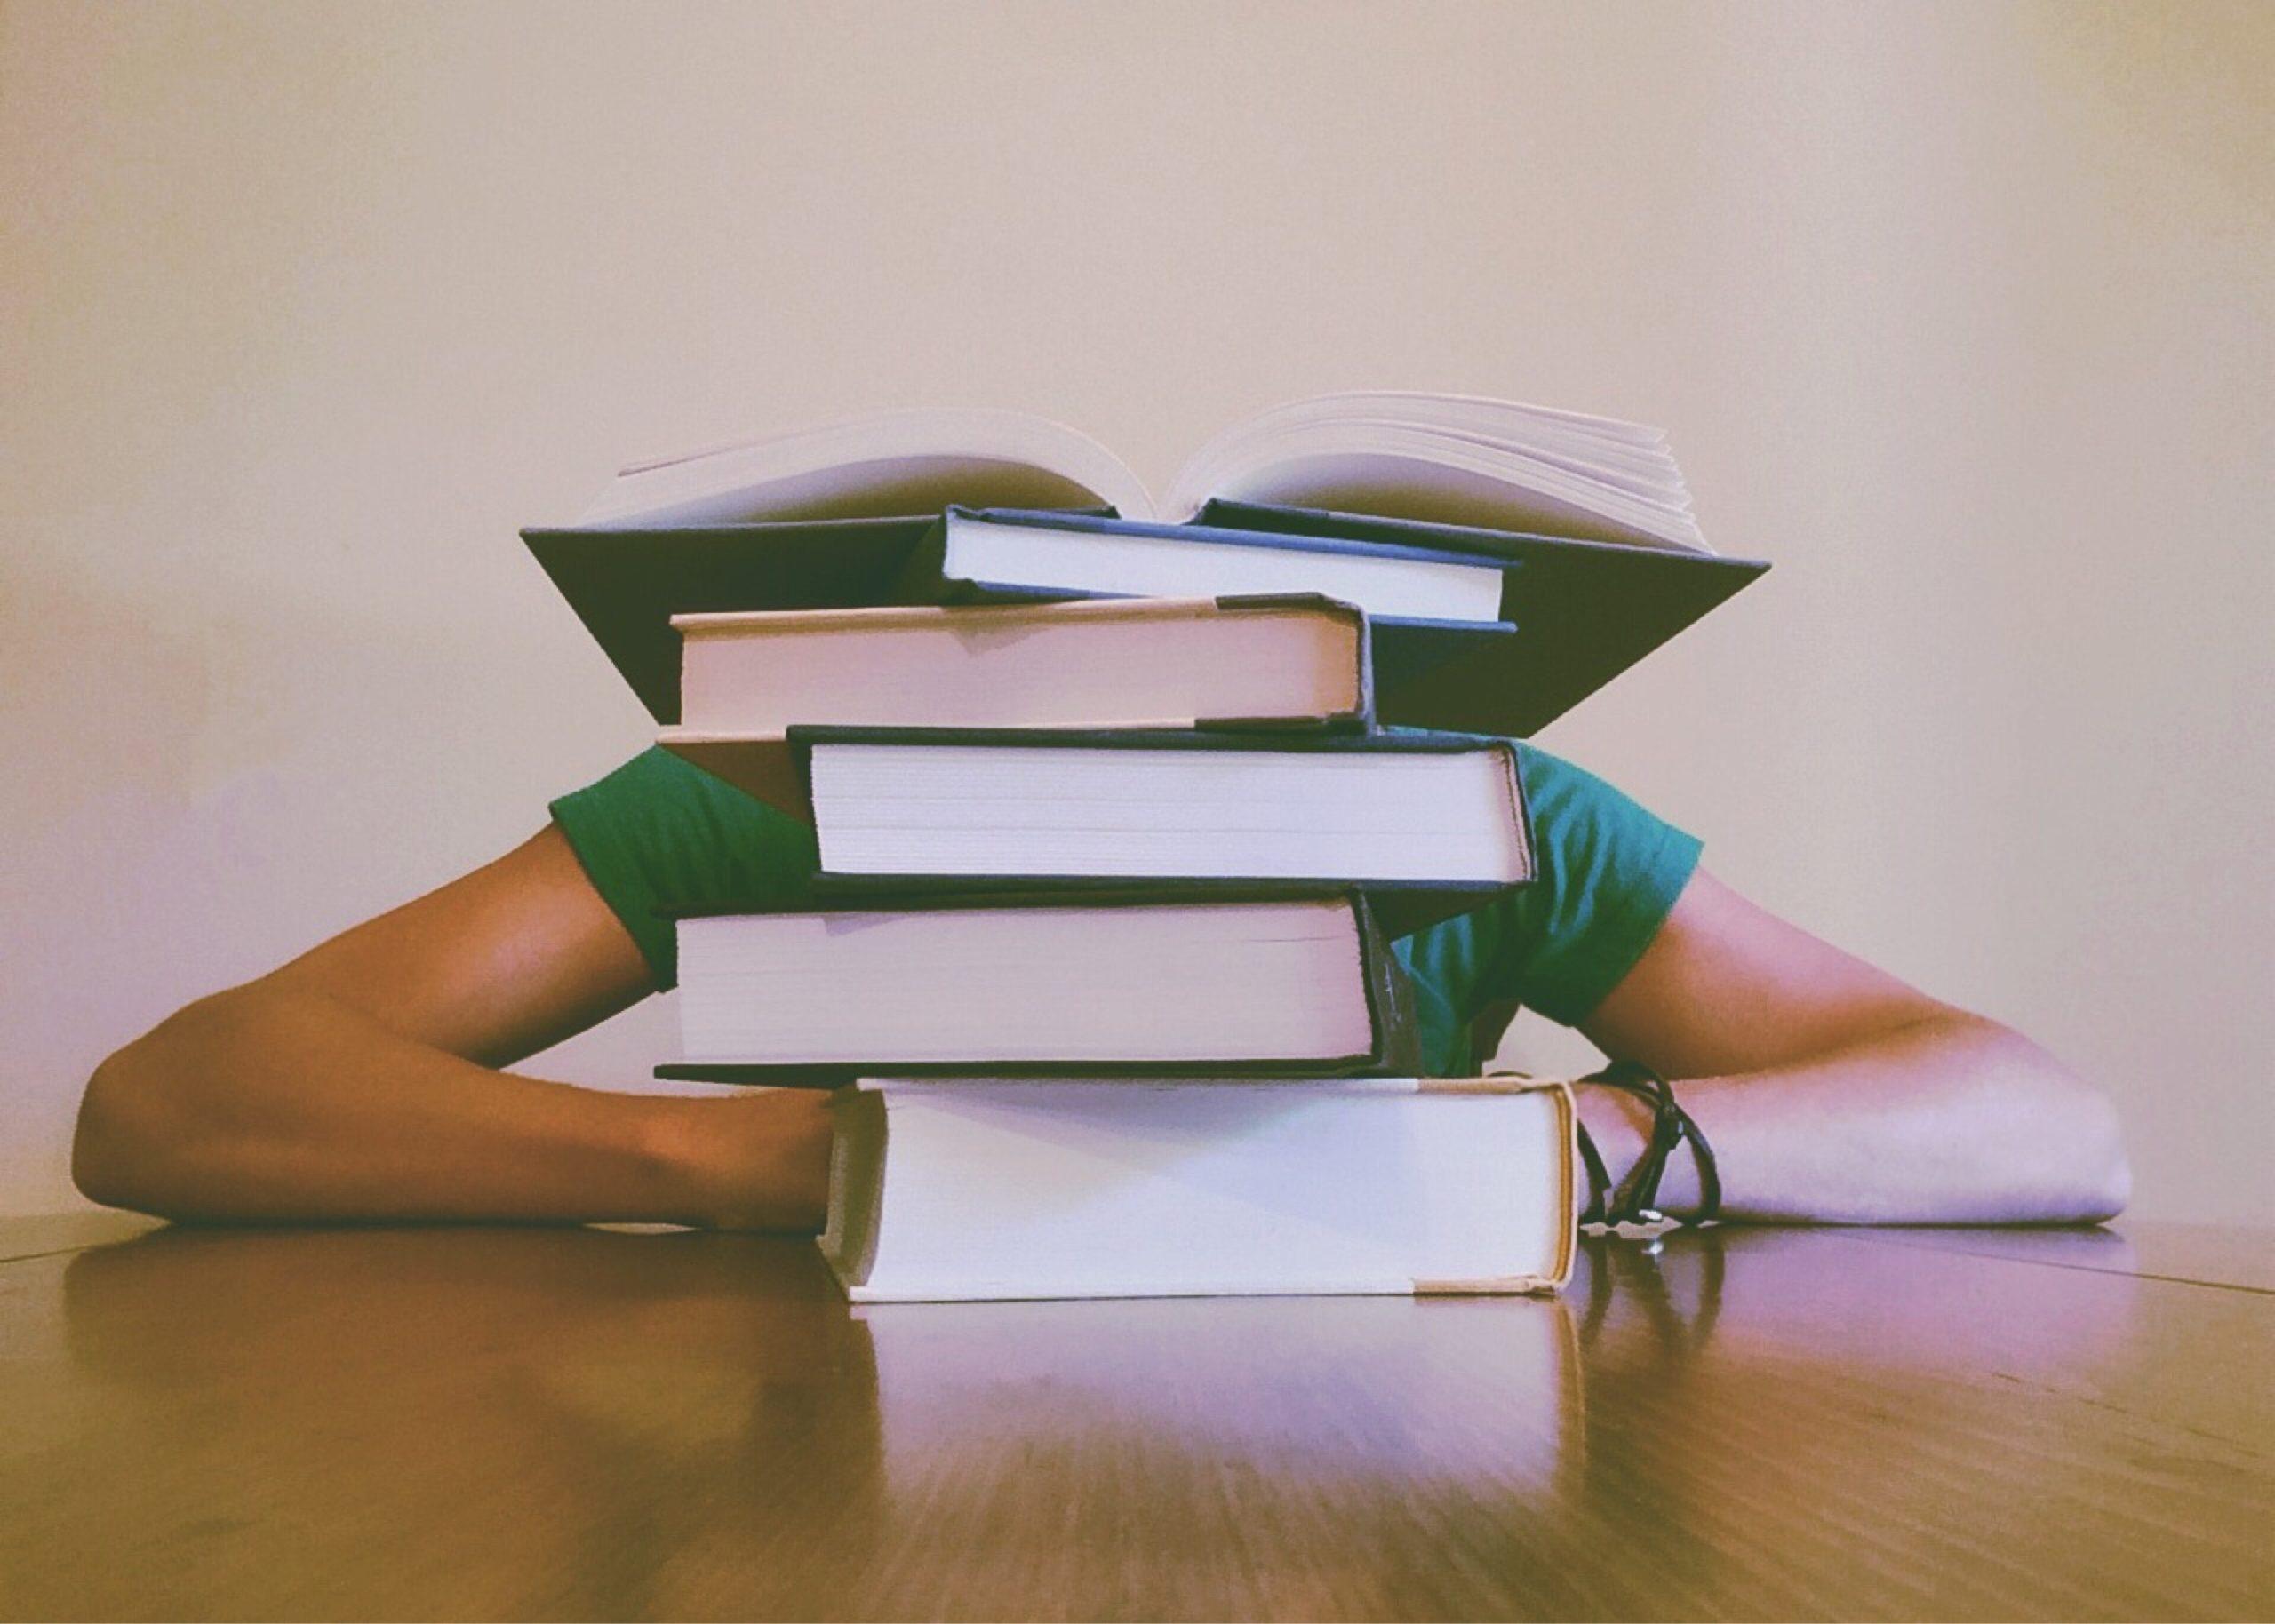 參加讀書會要買書嗎